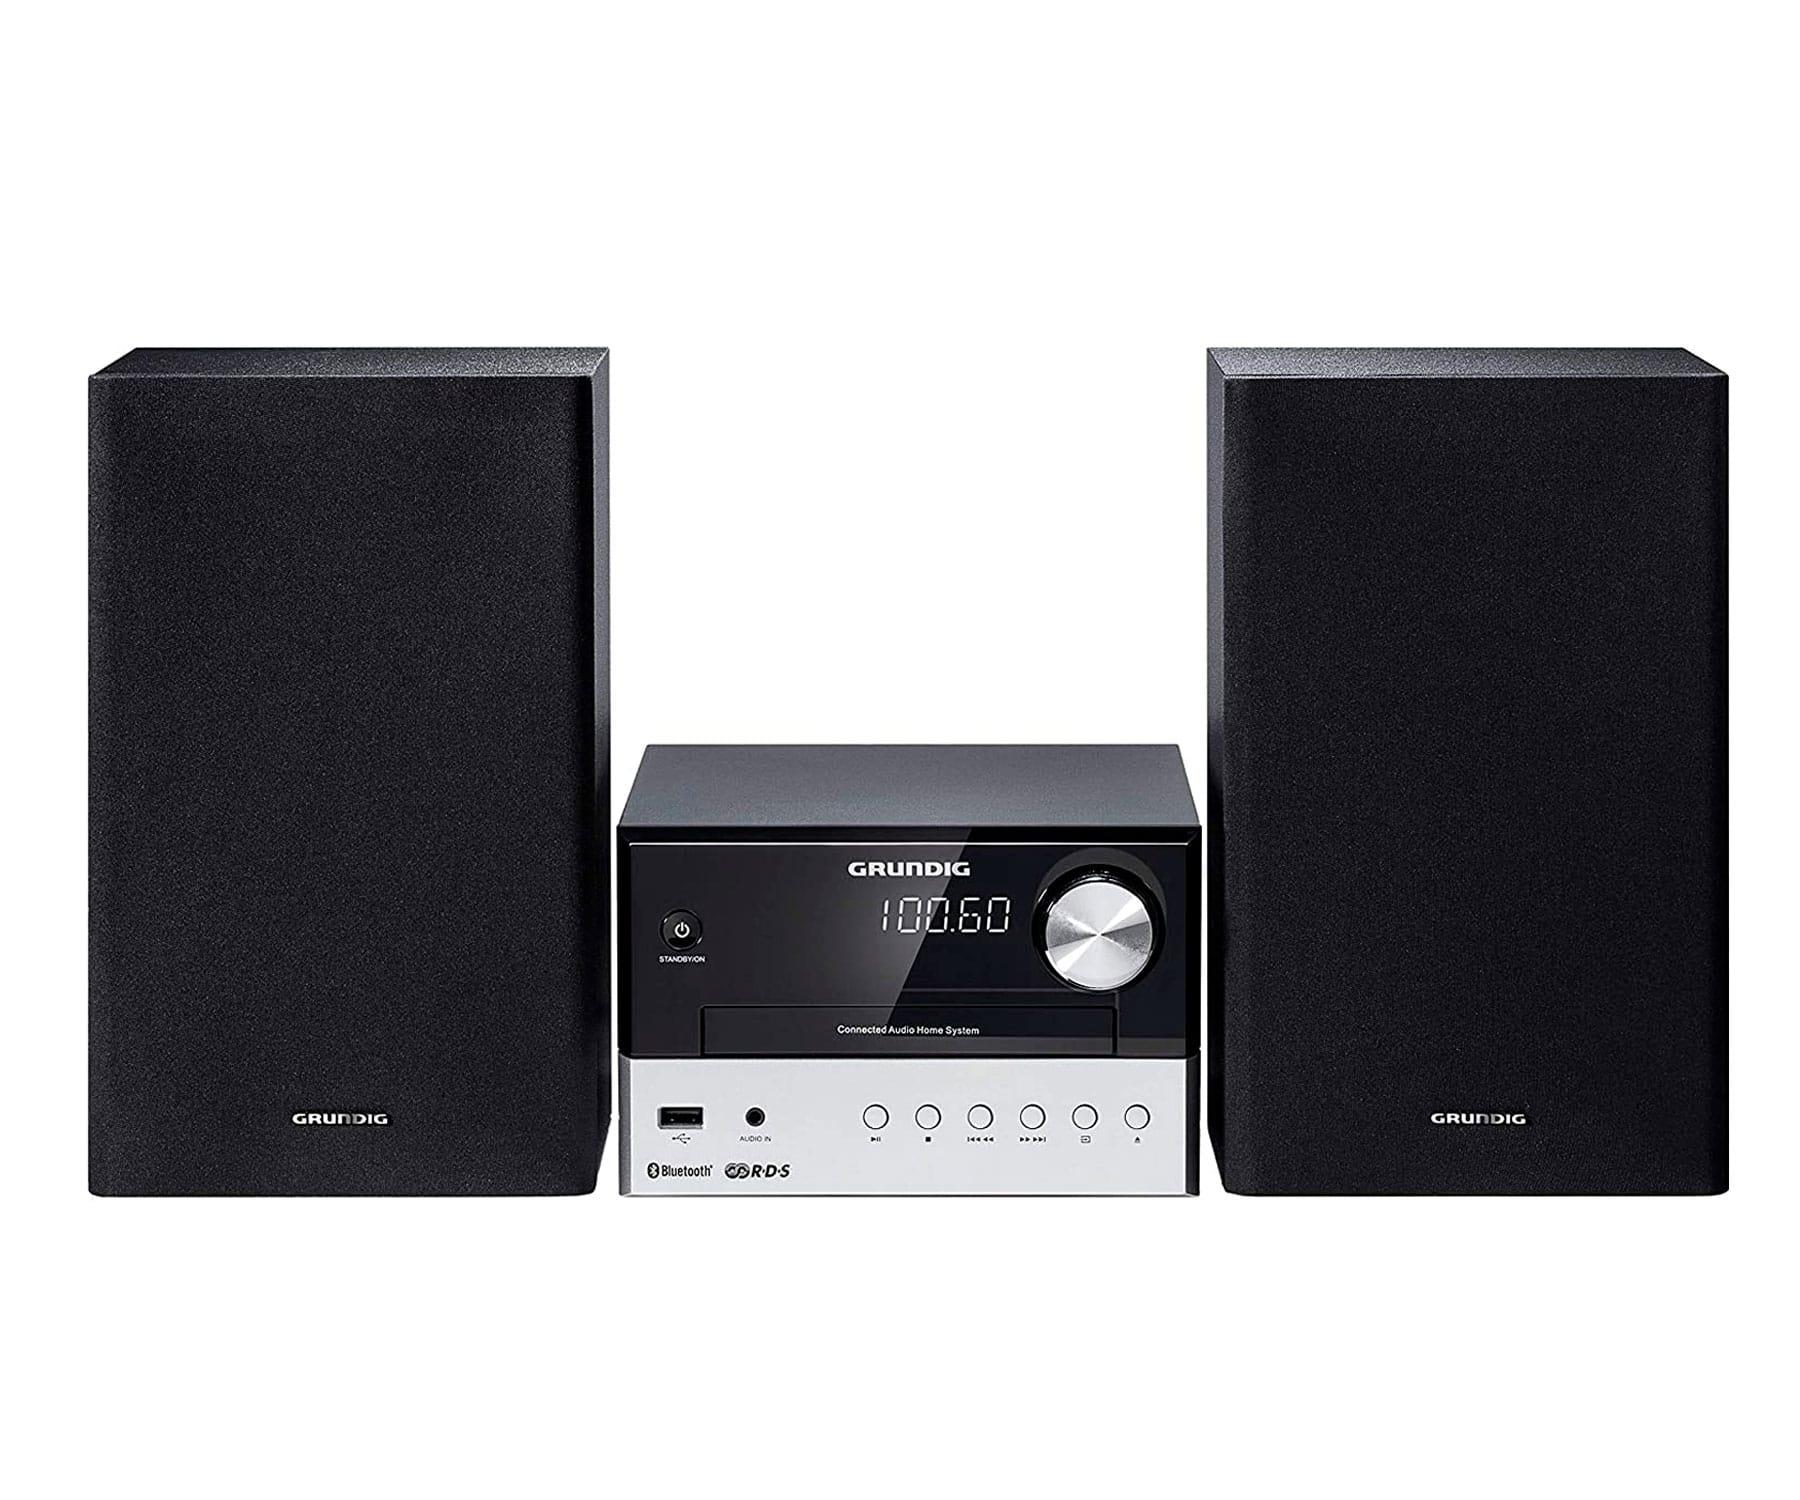 Grundig M1000BT Sistema de Audio HI-FI/30W RMS/Bluetooth/Reproductor USB/CD/Radio FM